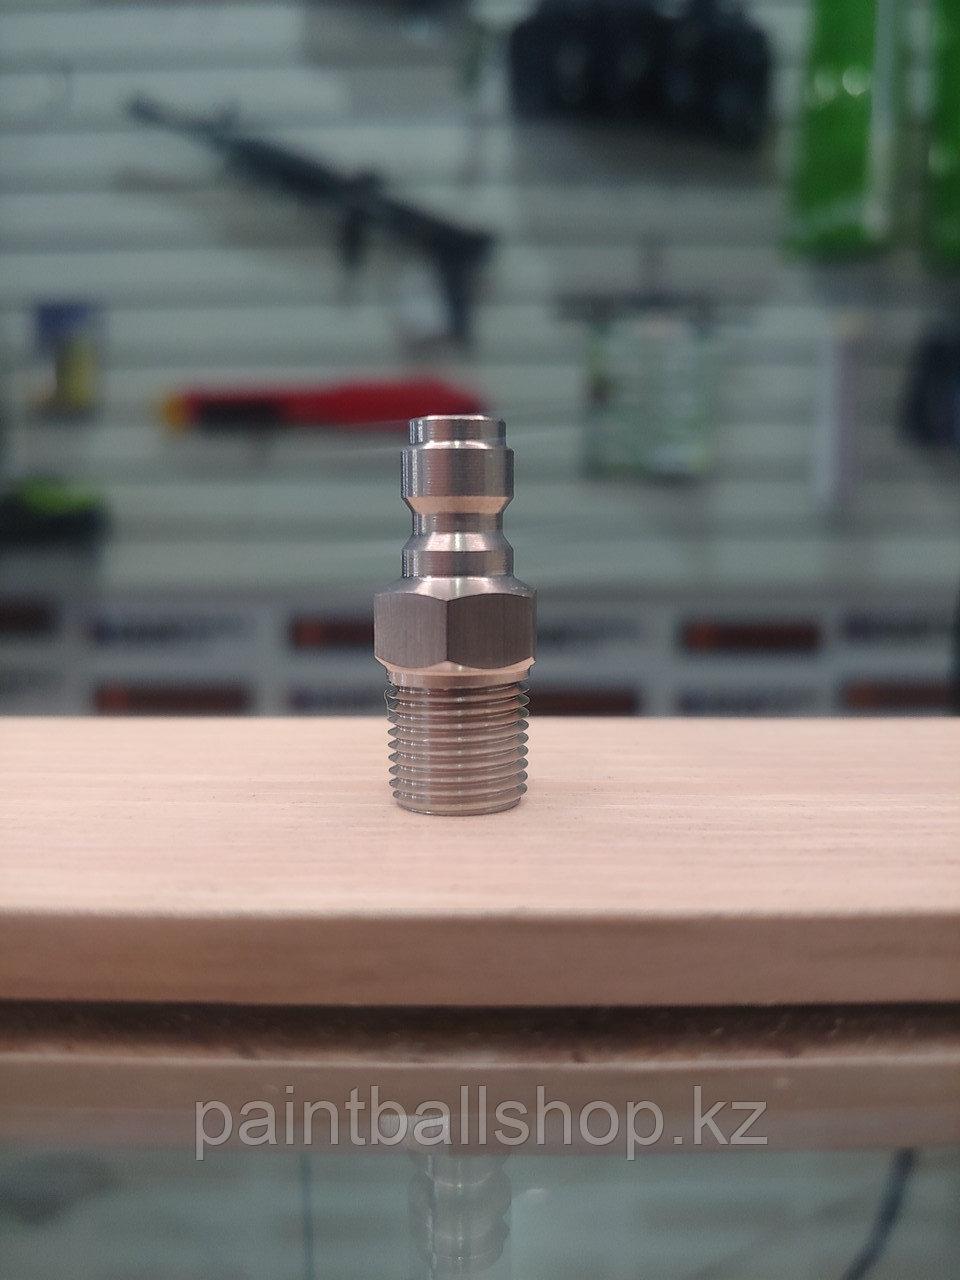 Заправочный нипель mini fill valve